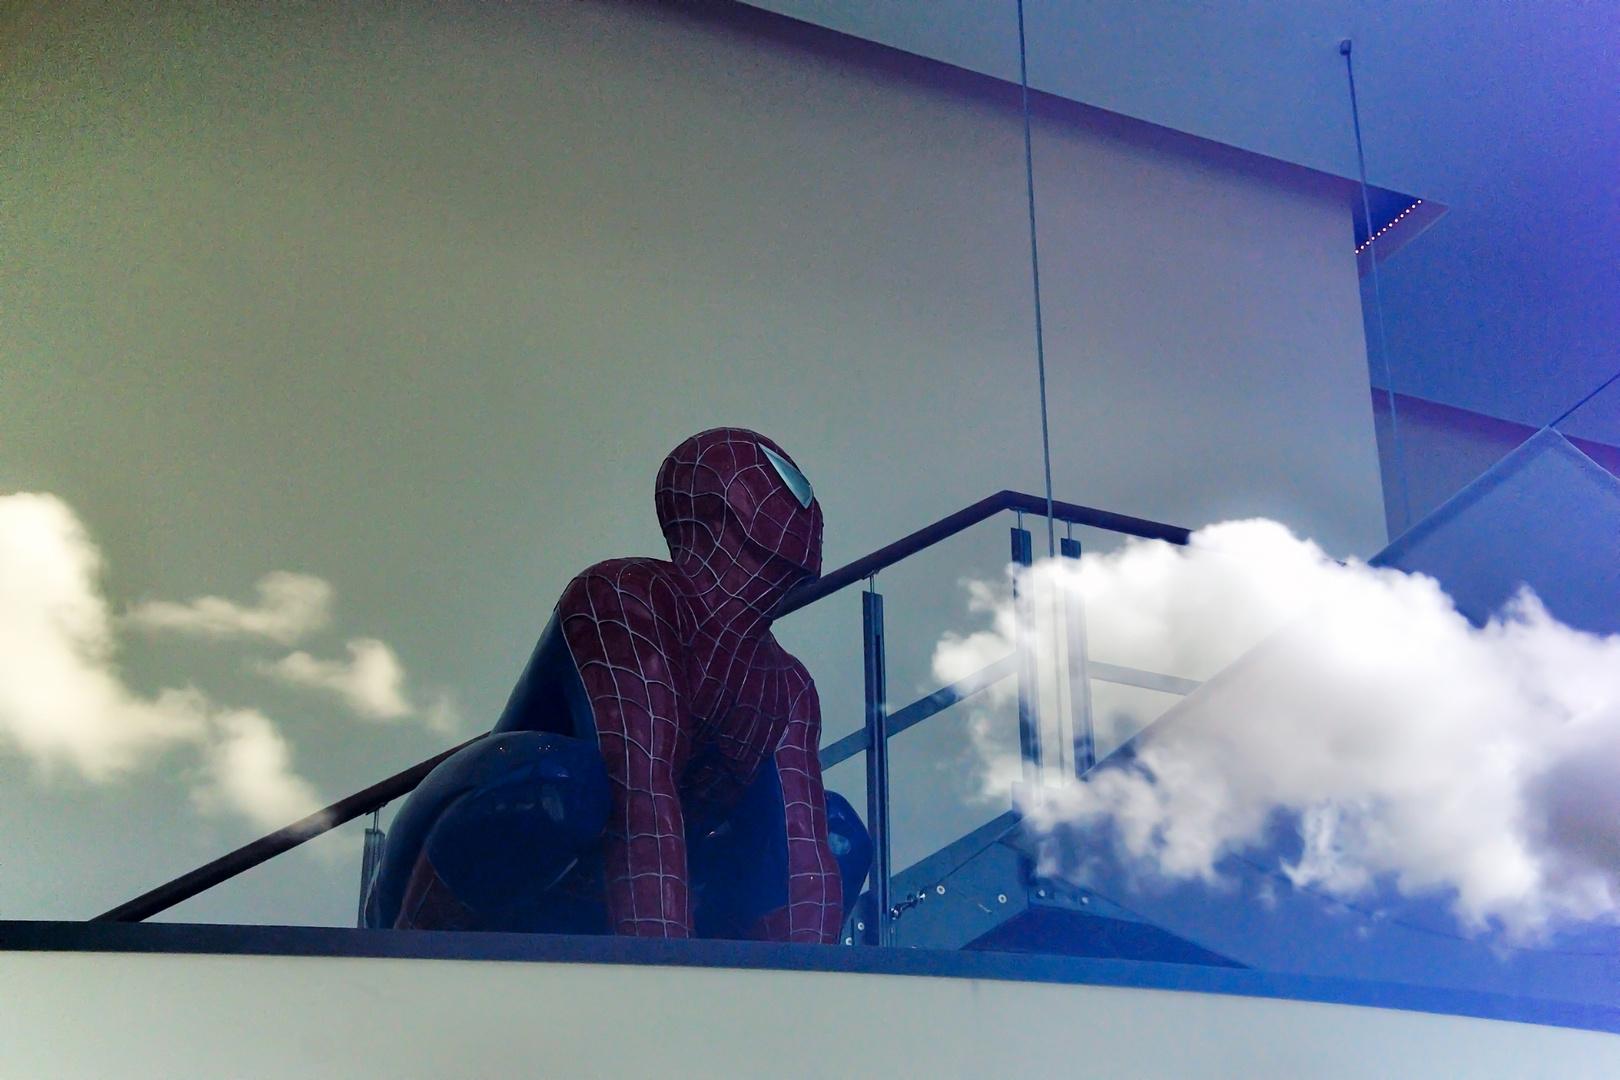 Spiderman über den Wolken